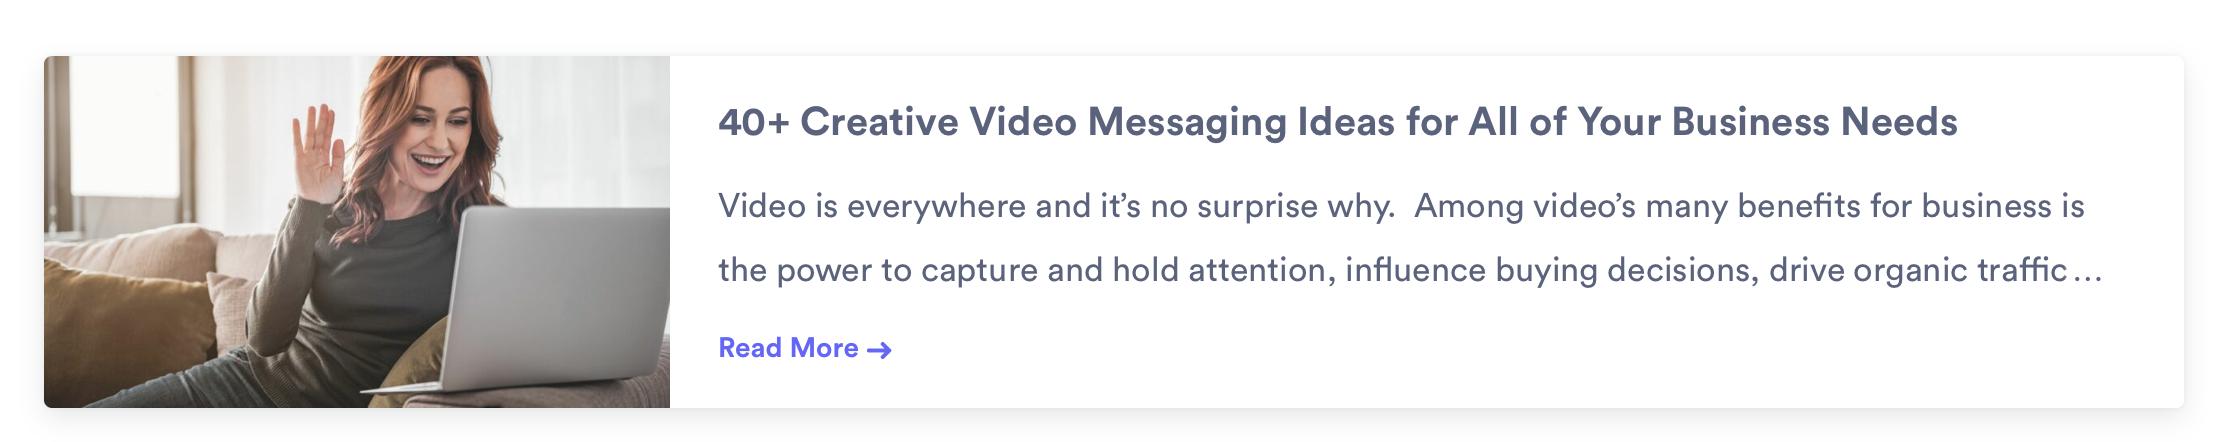 video messaging ideas from vidyard